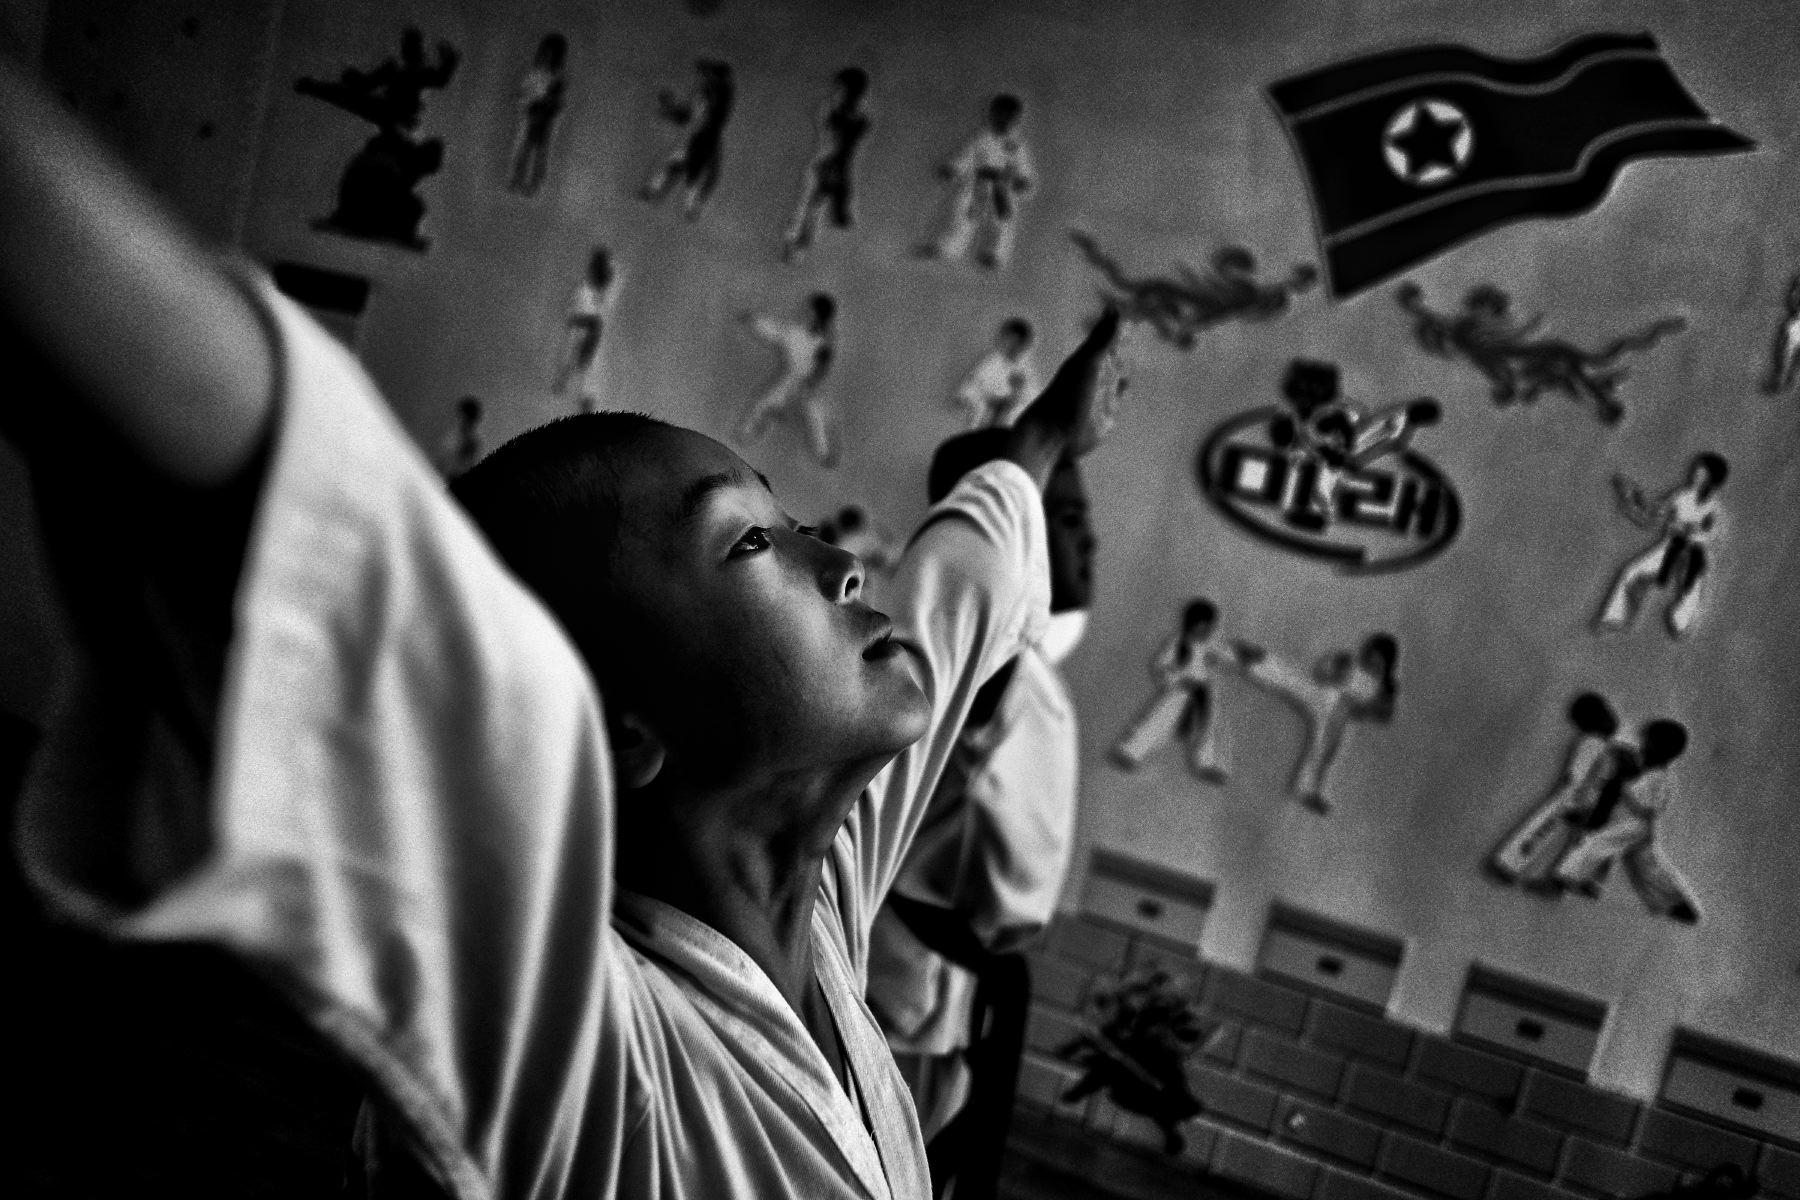 Alain_Schroeder_Taekwondo _North_Korea_Style_04.JPG